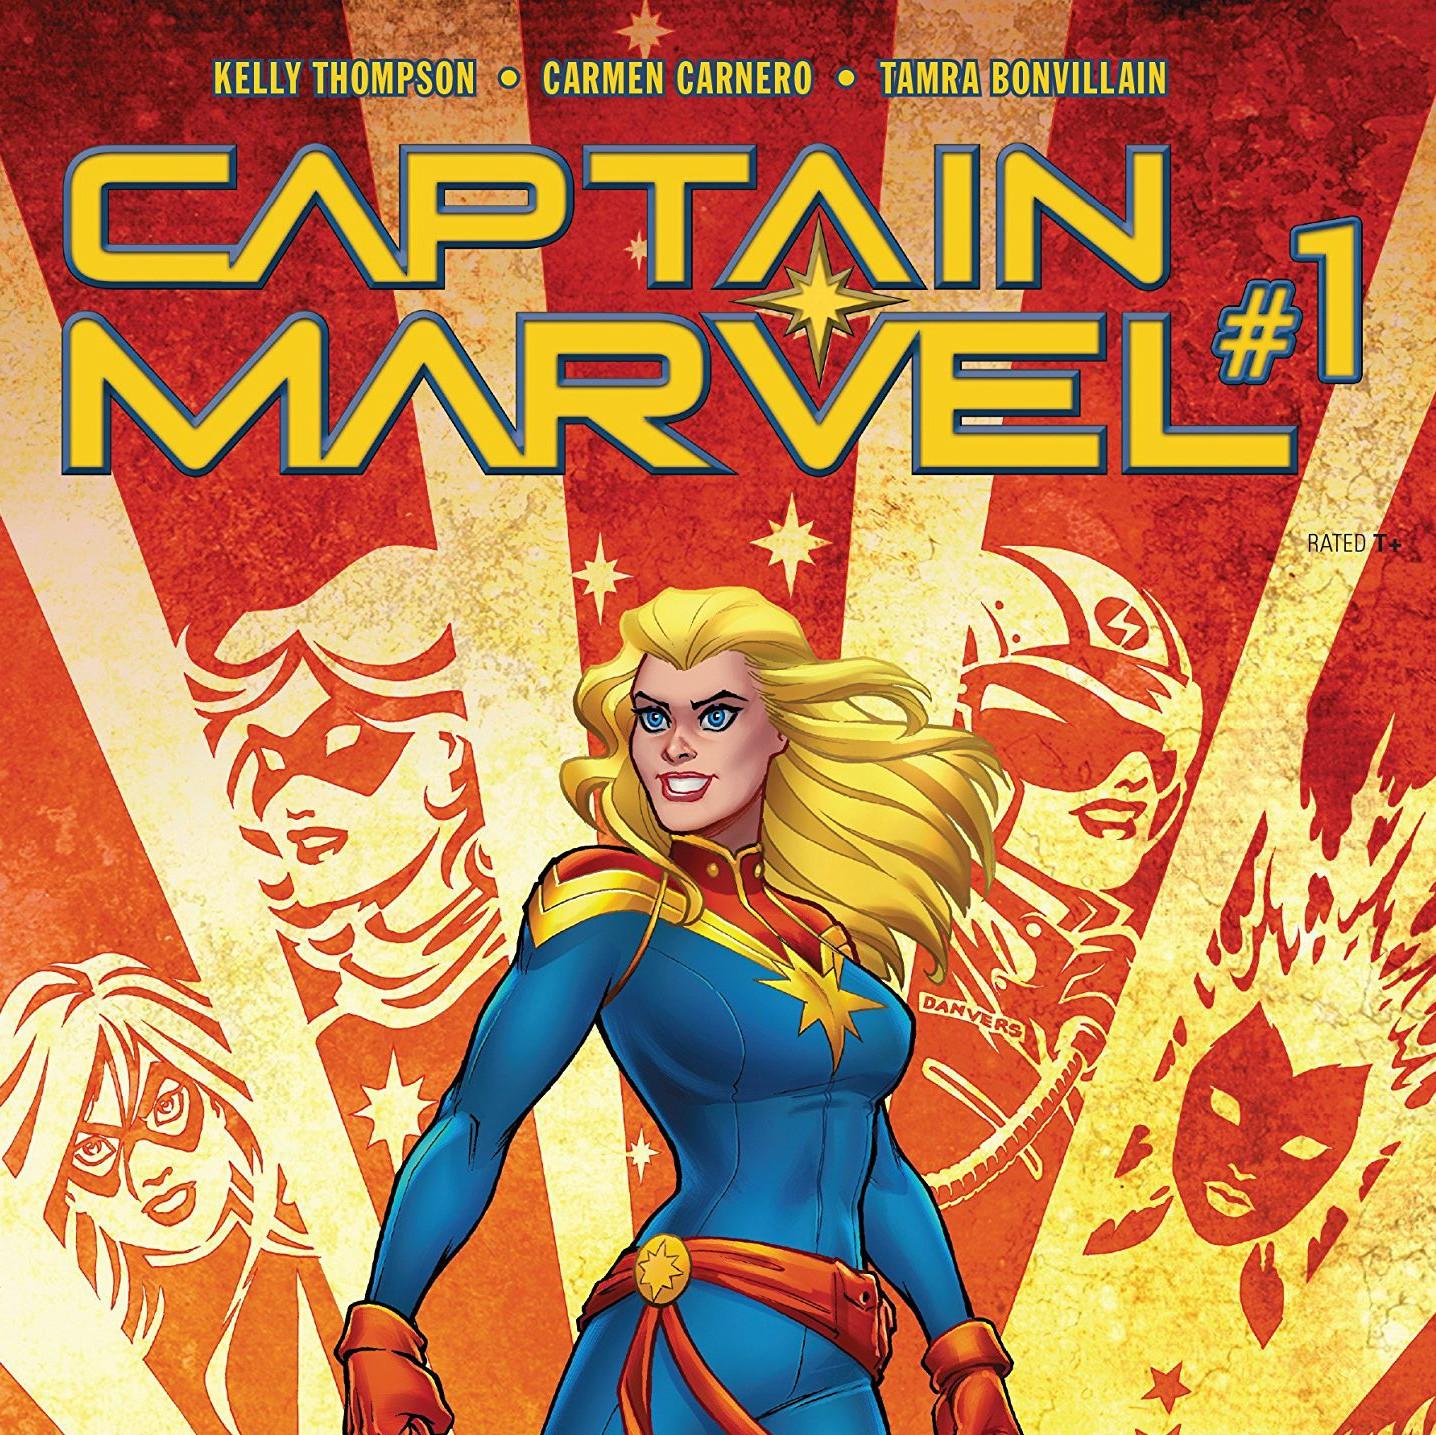 Carol Danvers is back baby 😊